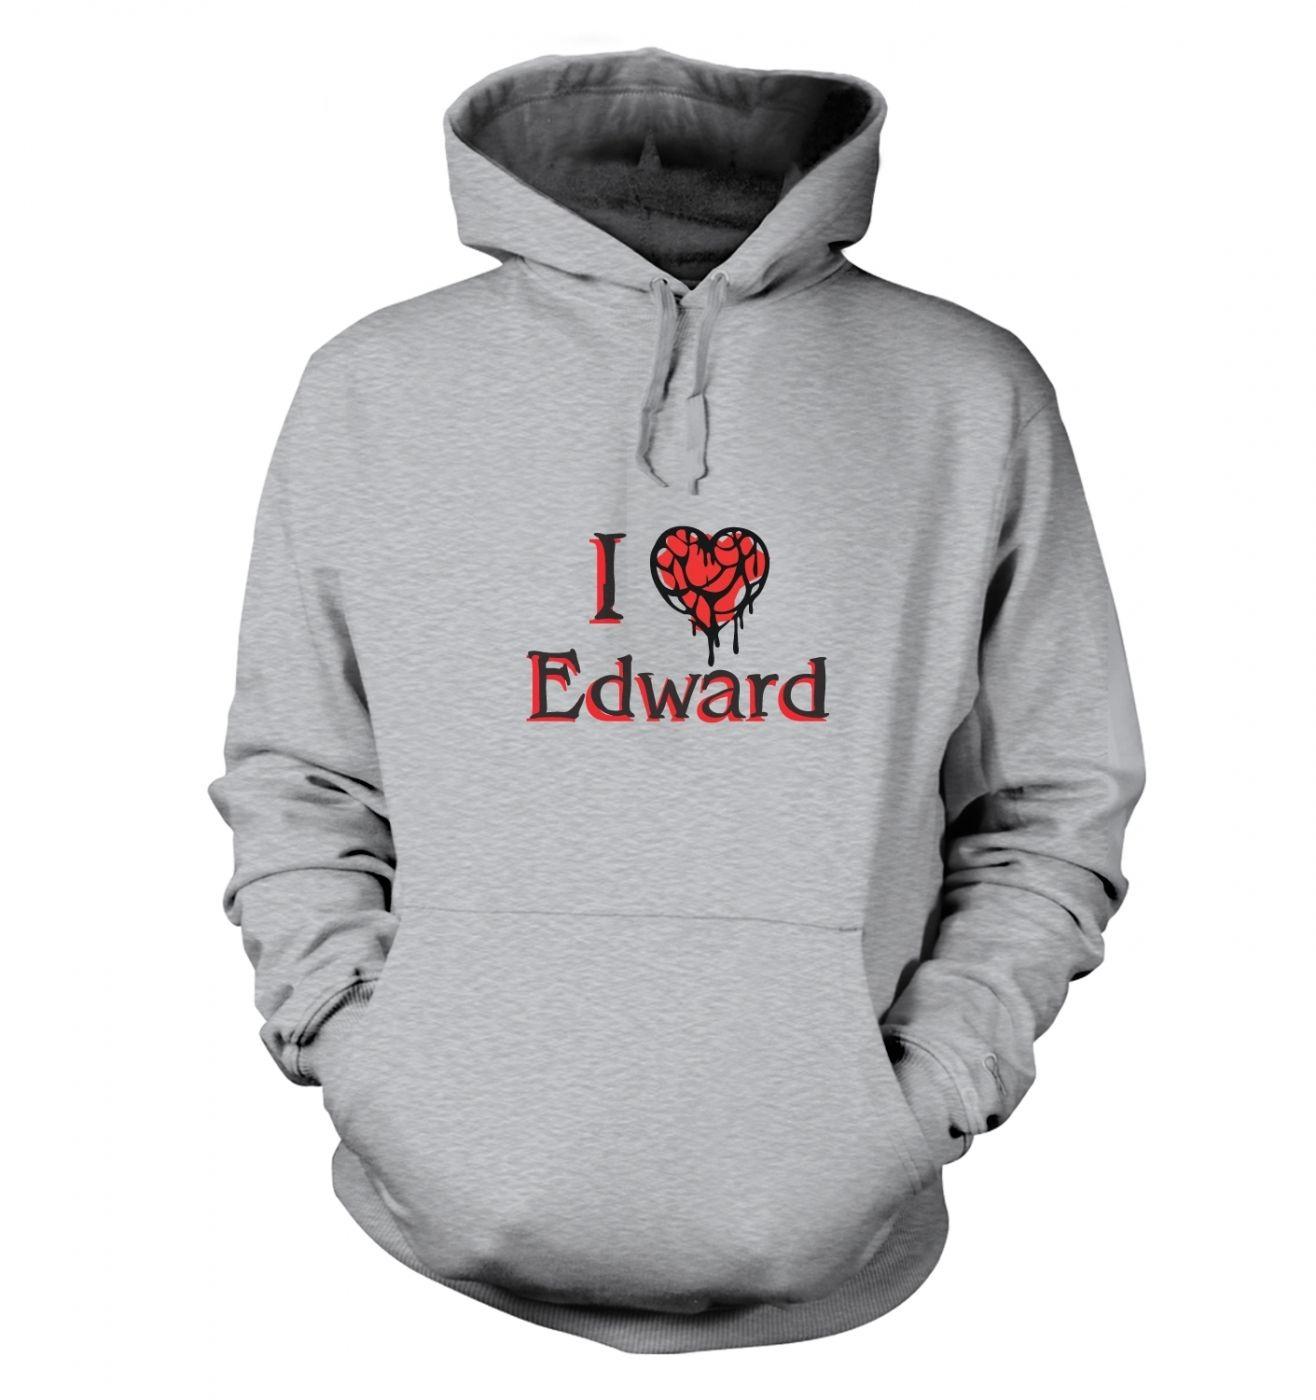 I Heart Edward hoodie